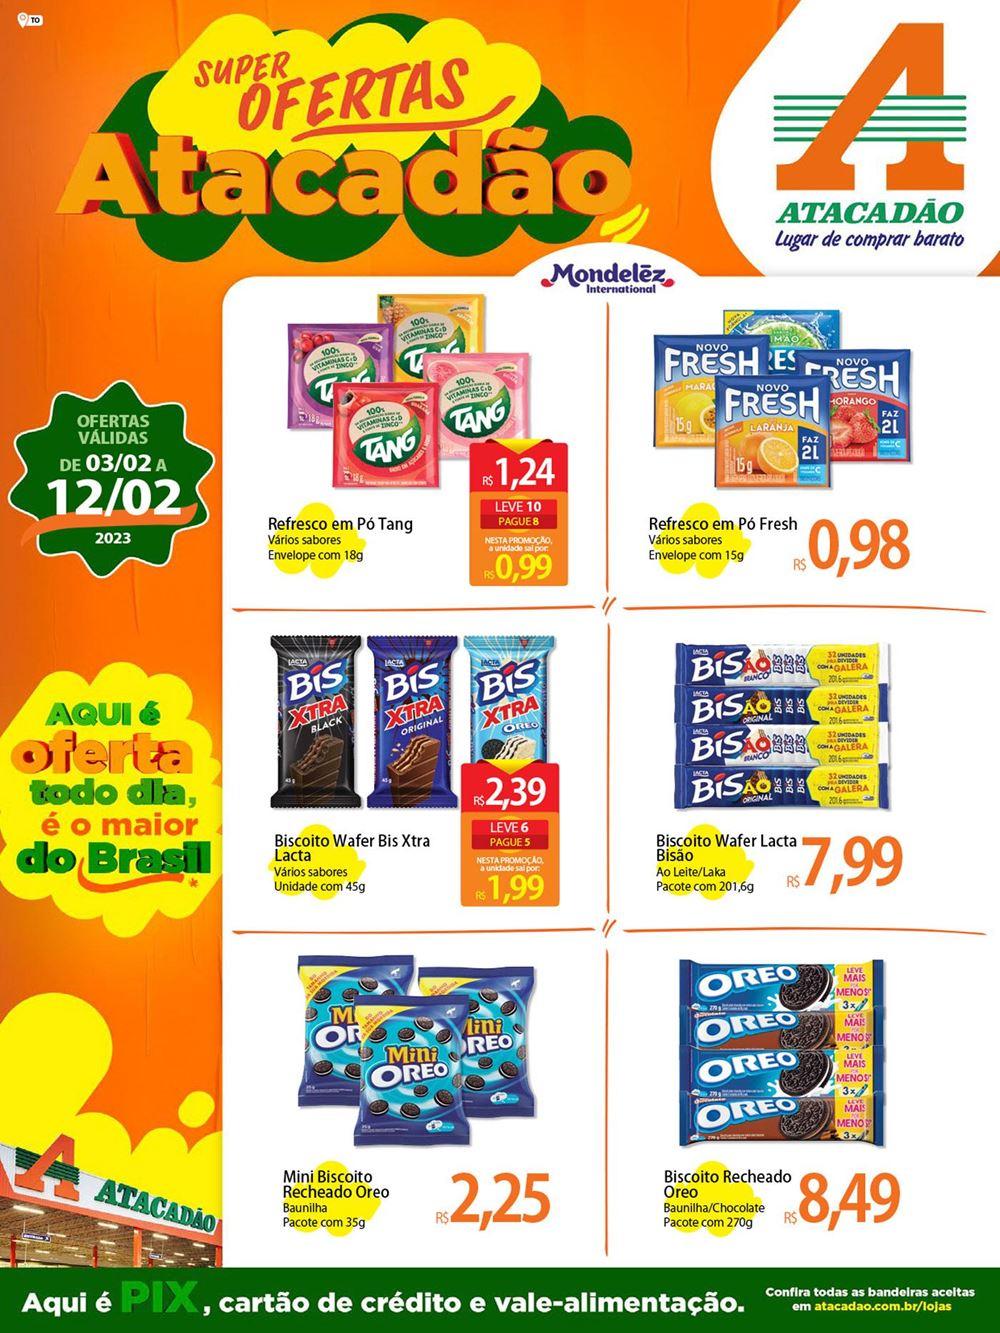 atacadao-ofertas-descontos-hoje11-6 Goiás